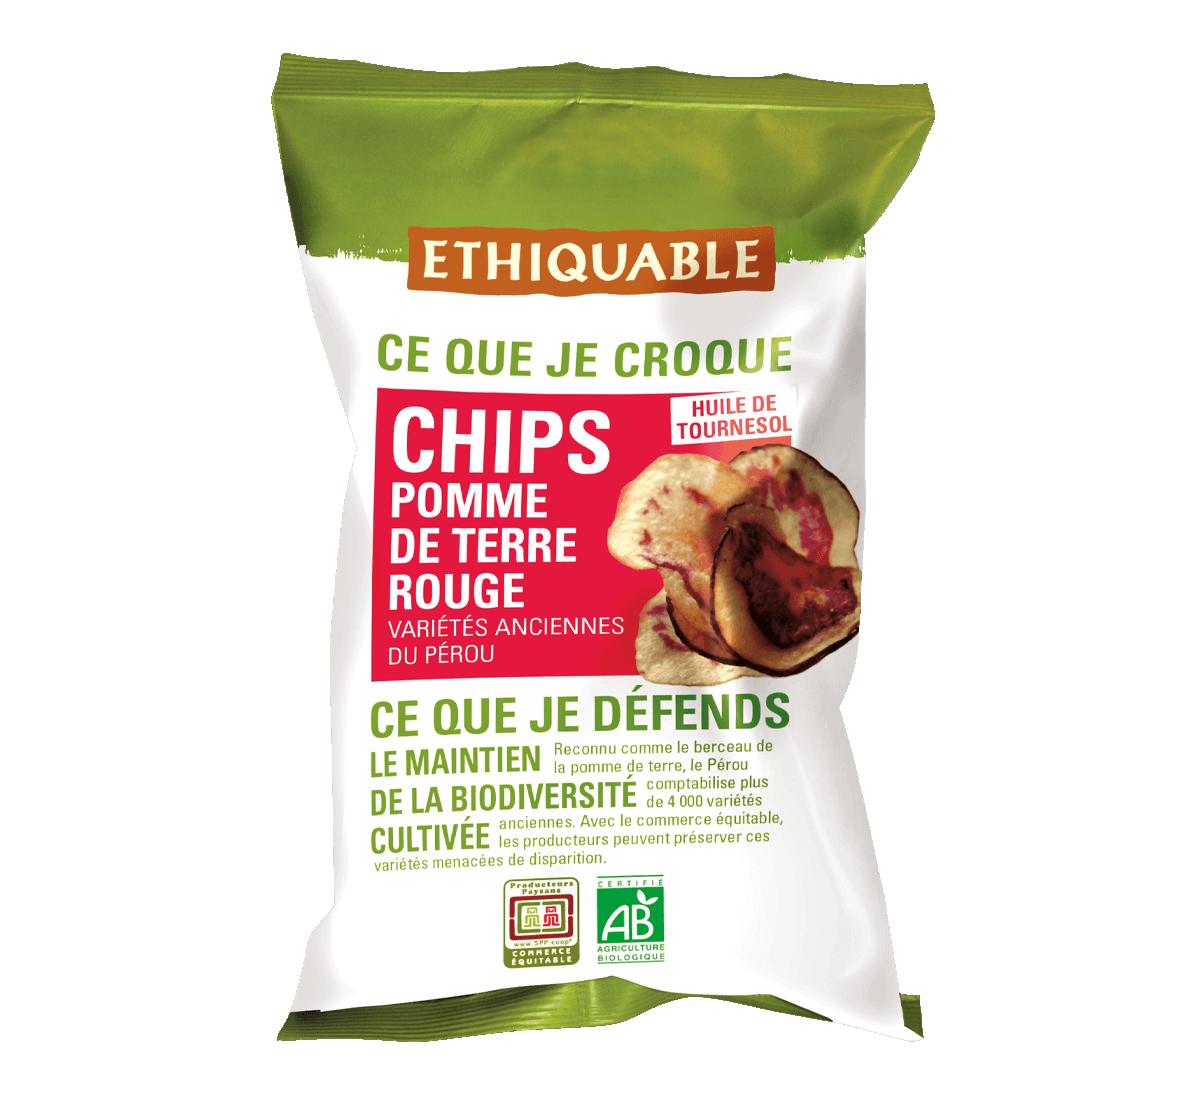 Ethiquable - Chips de pomme de terre rouge bio issues du Commerce Equitable